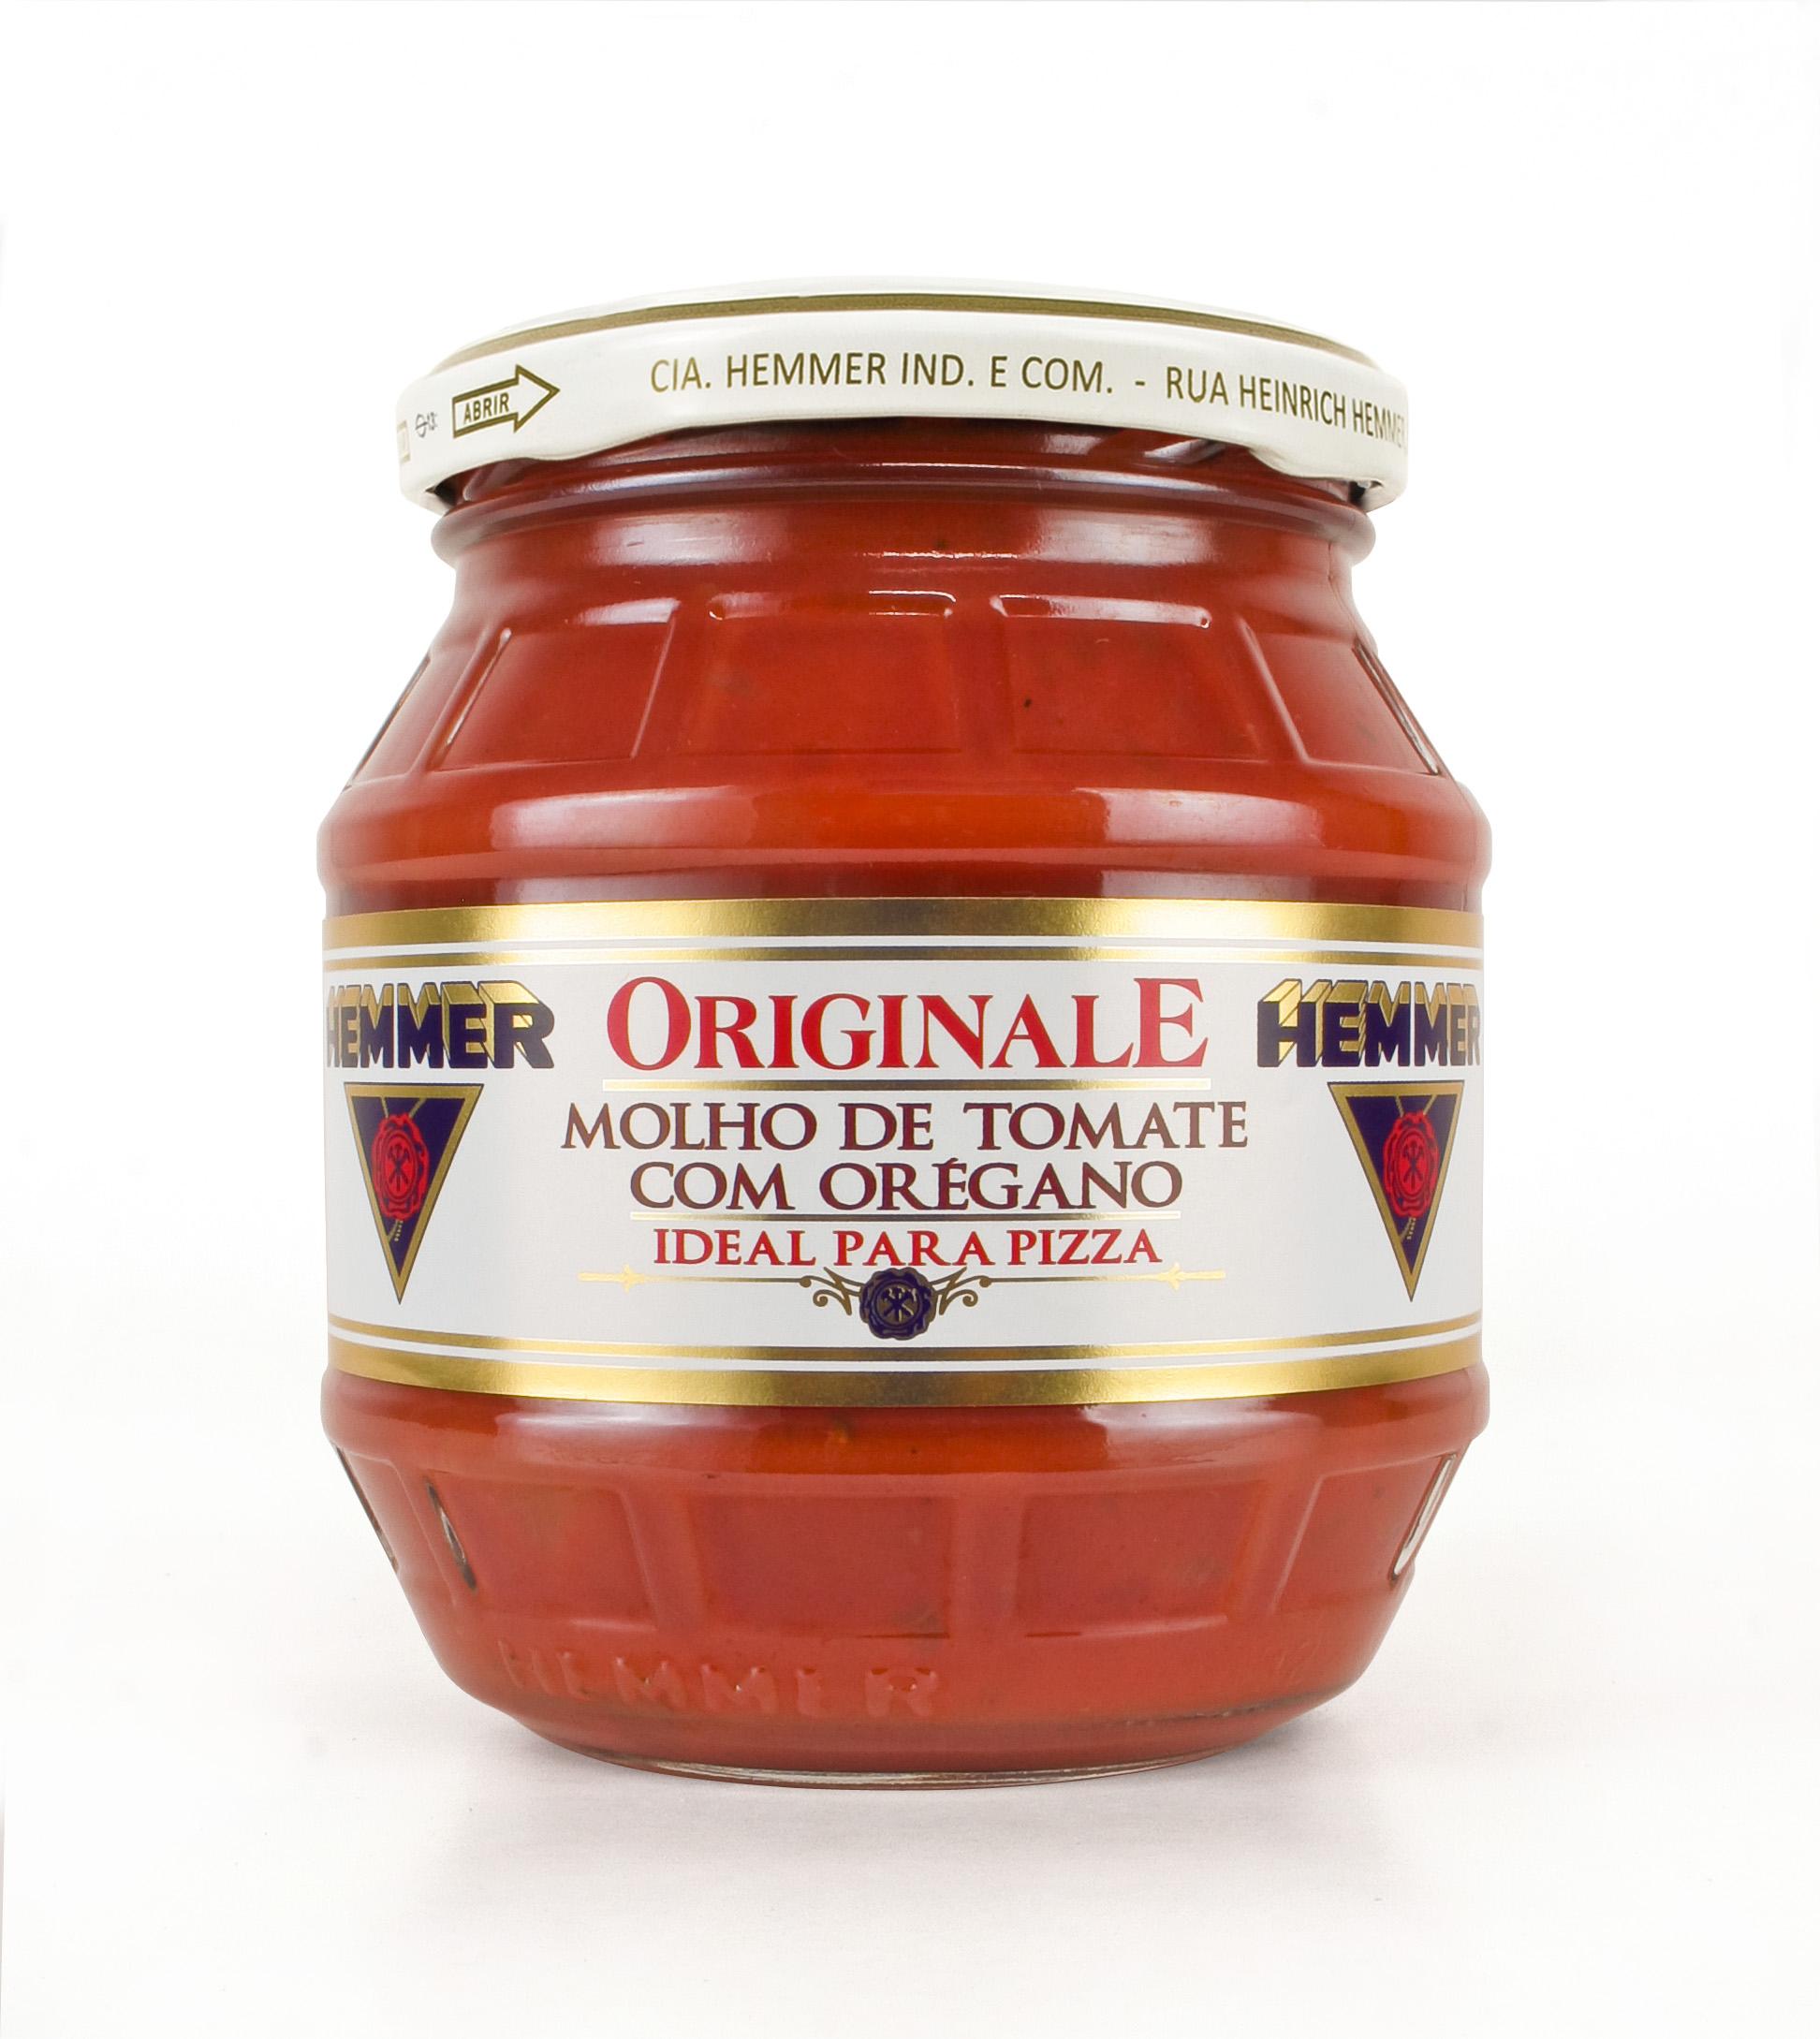 Molho de Tomate com Orégano